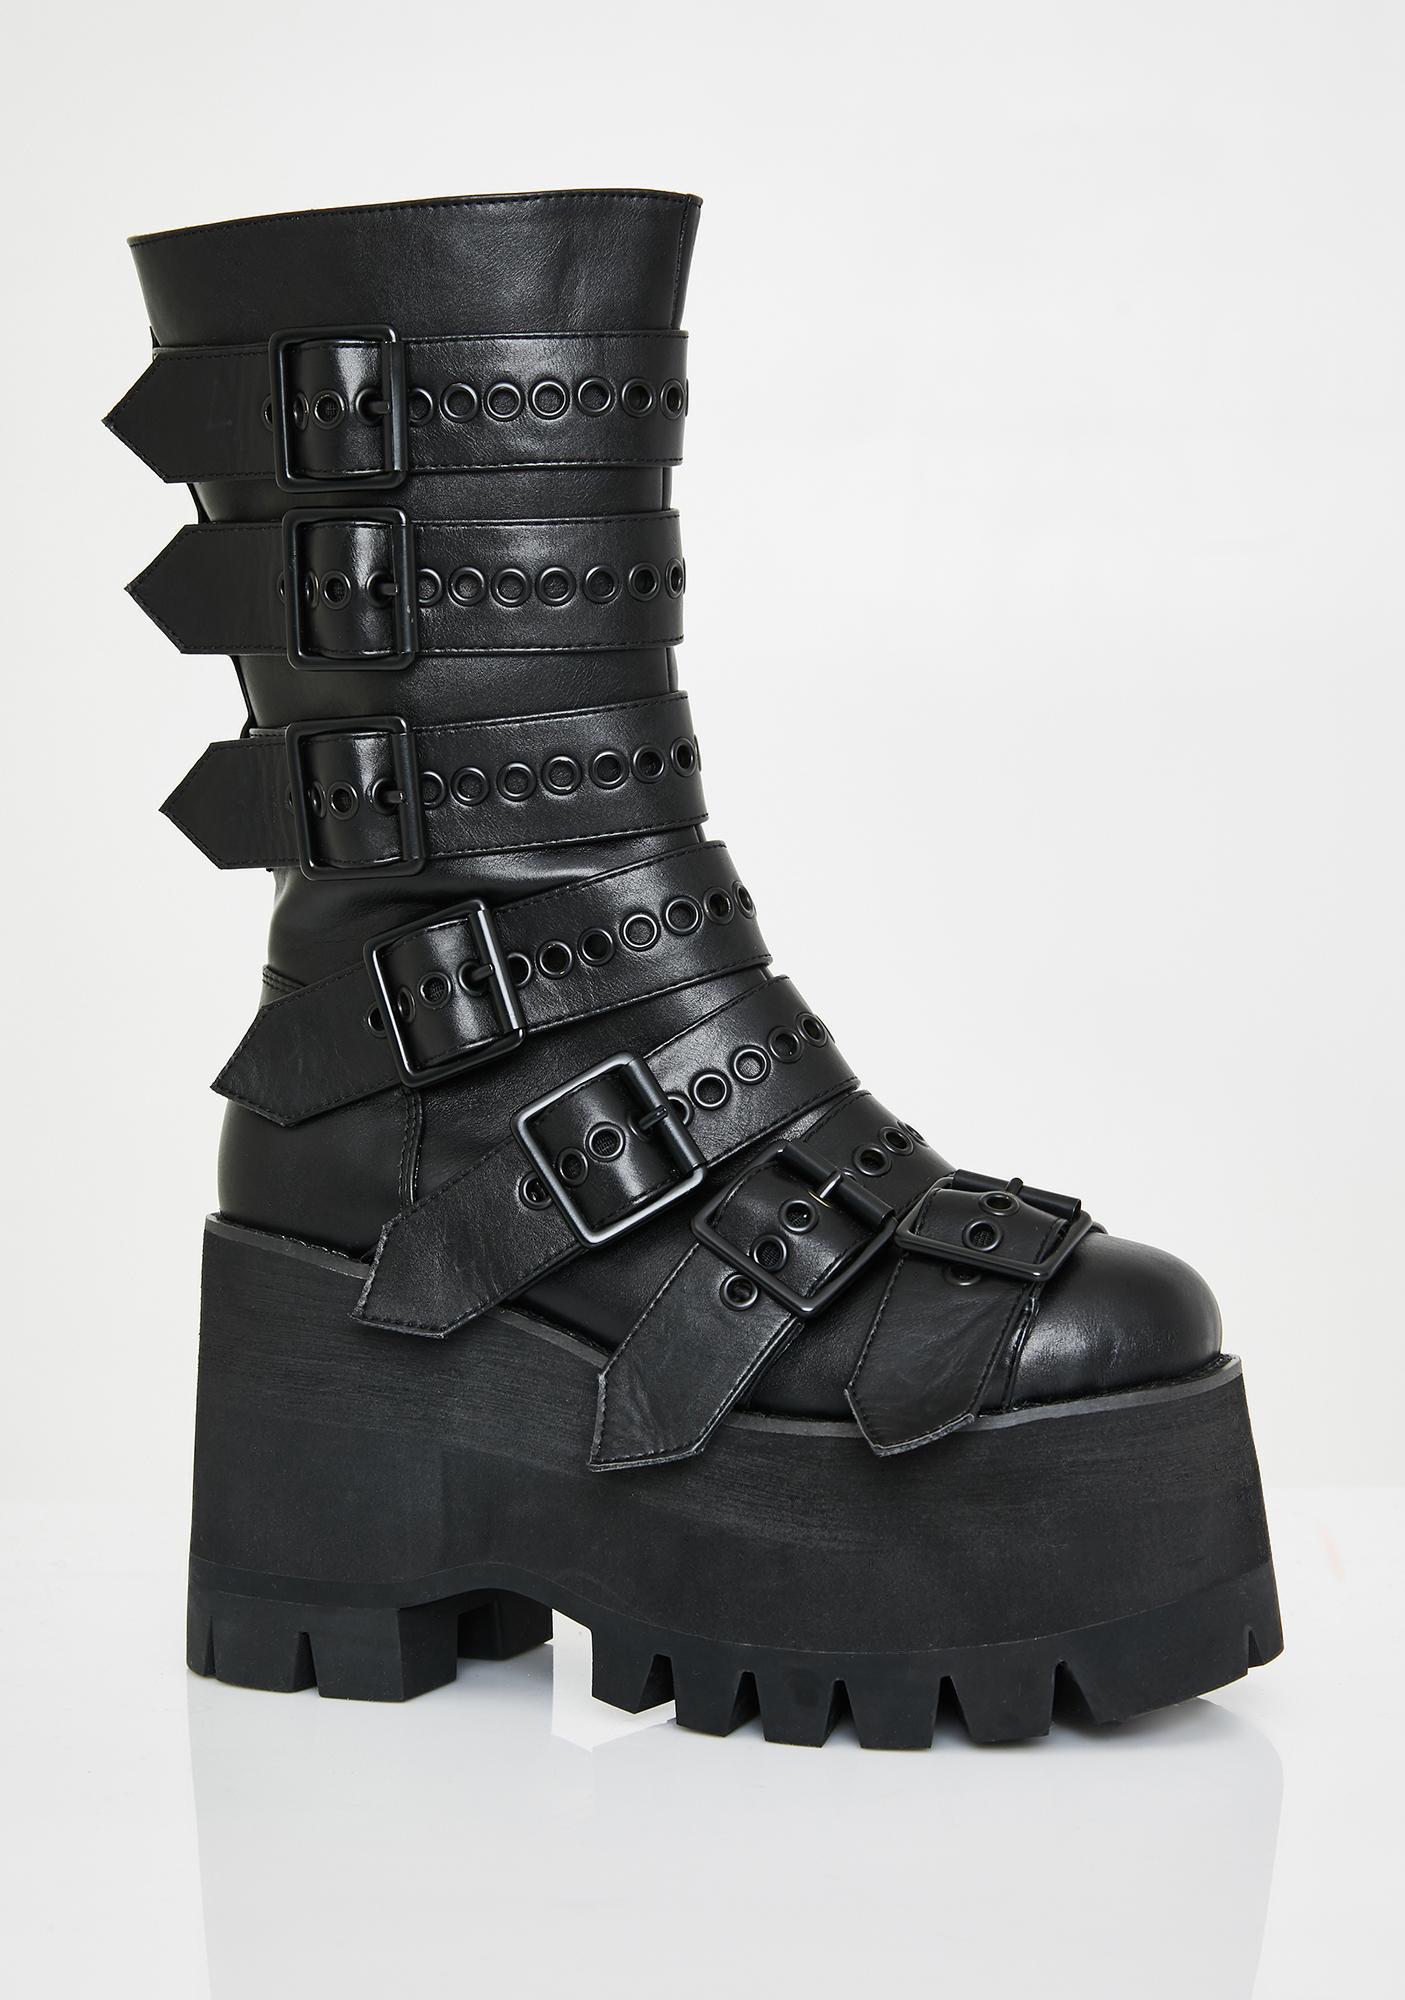 Club Exx Annihilation Platform Boots